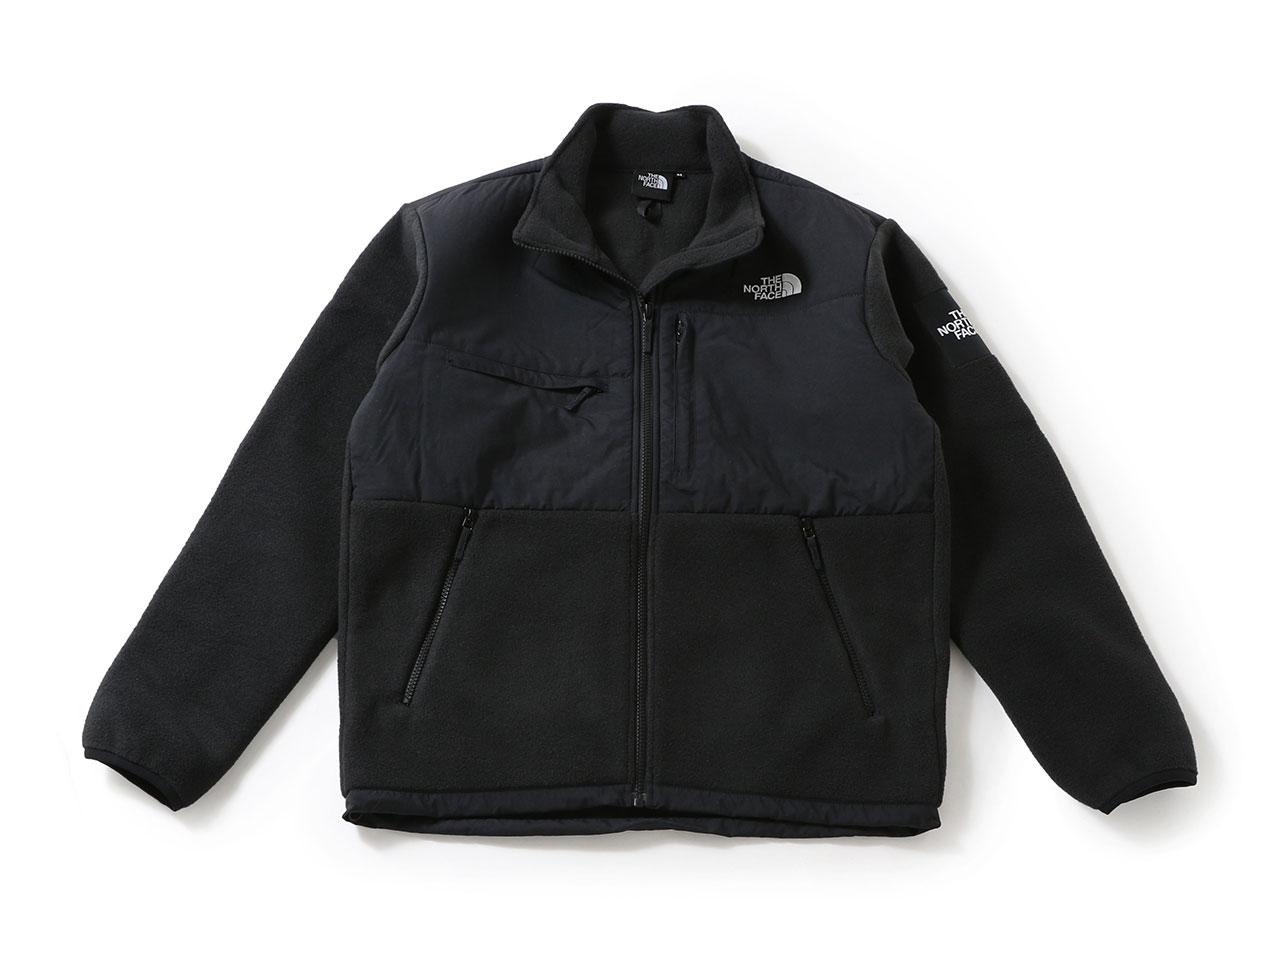 【10%OFF!】THE NORTH FACE Denali Jacket(NA71951)【ザ ノースフェイス デナリジャケット】【アウター】【トップス】【ジャケット】【ストリート】【アウトドア】